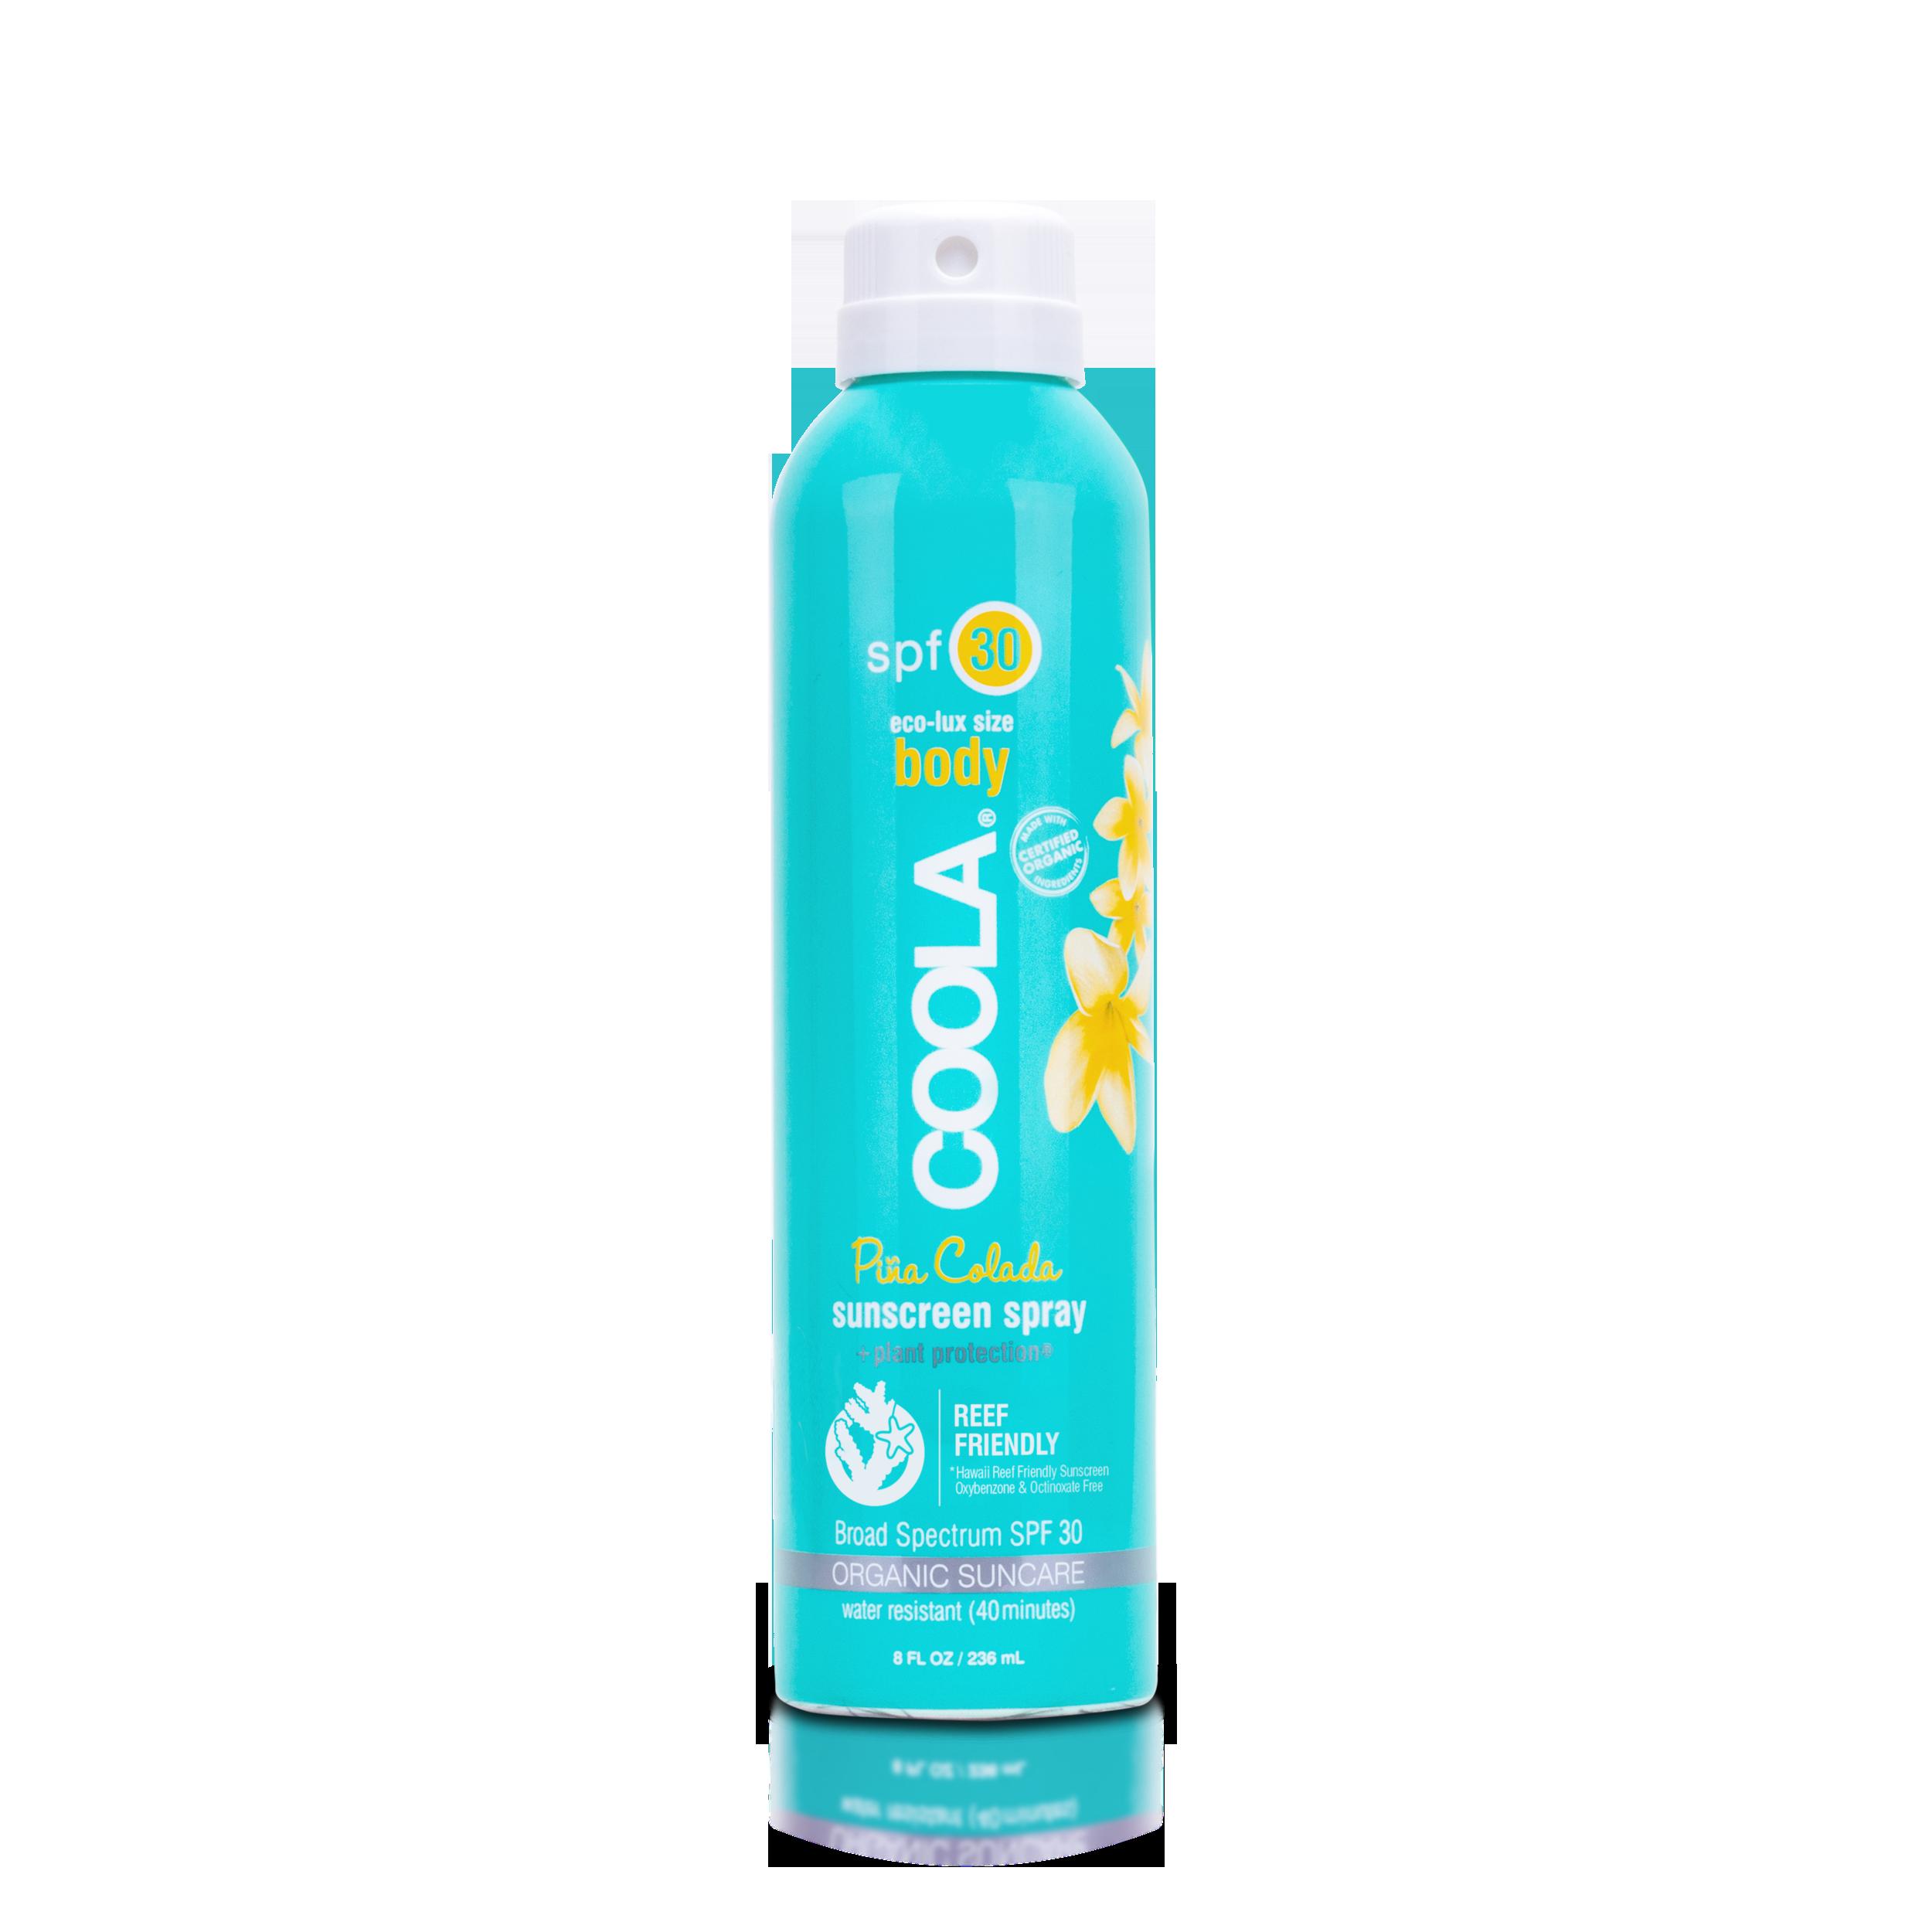 COOLA Eco-Lux Body SPF 30 Pina Colada Organic Sunscreen Spray